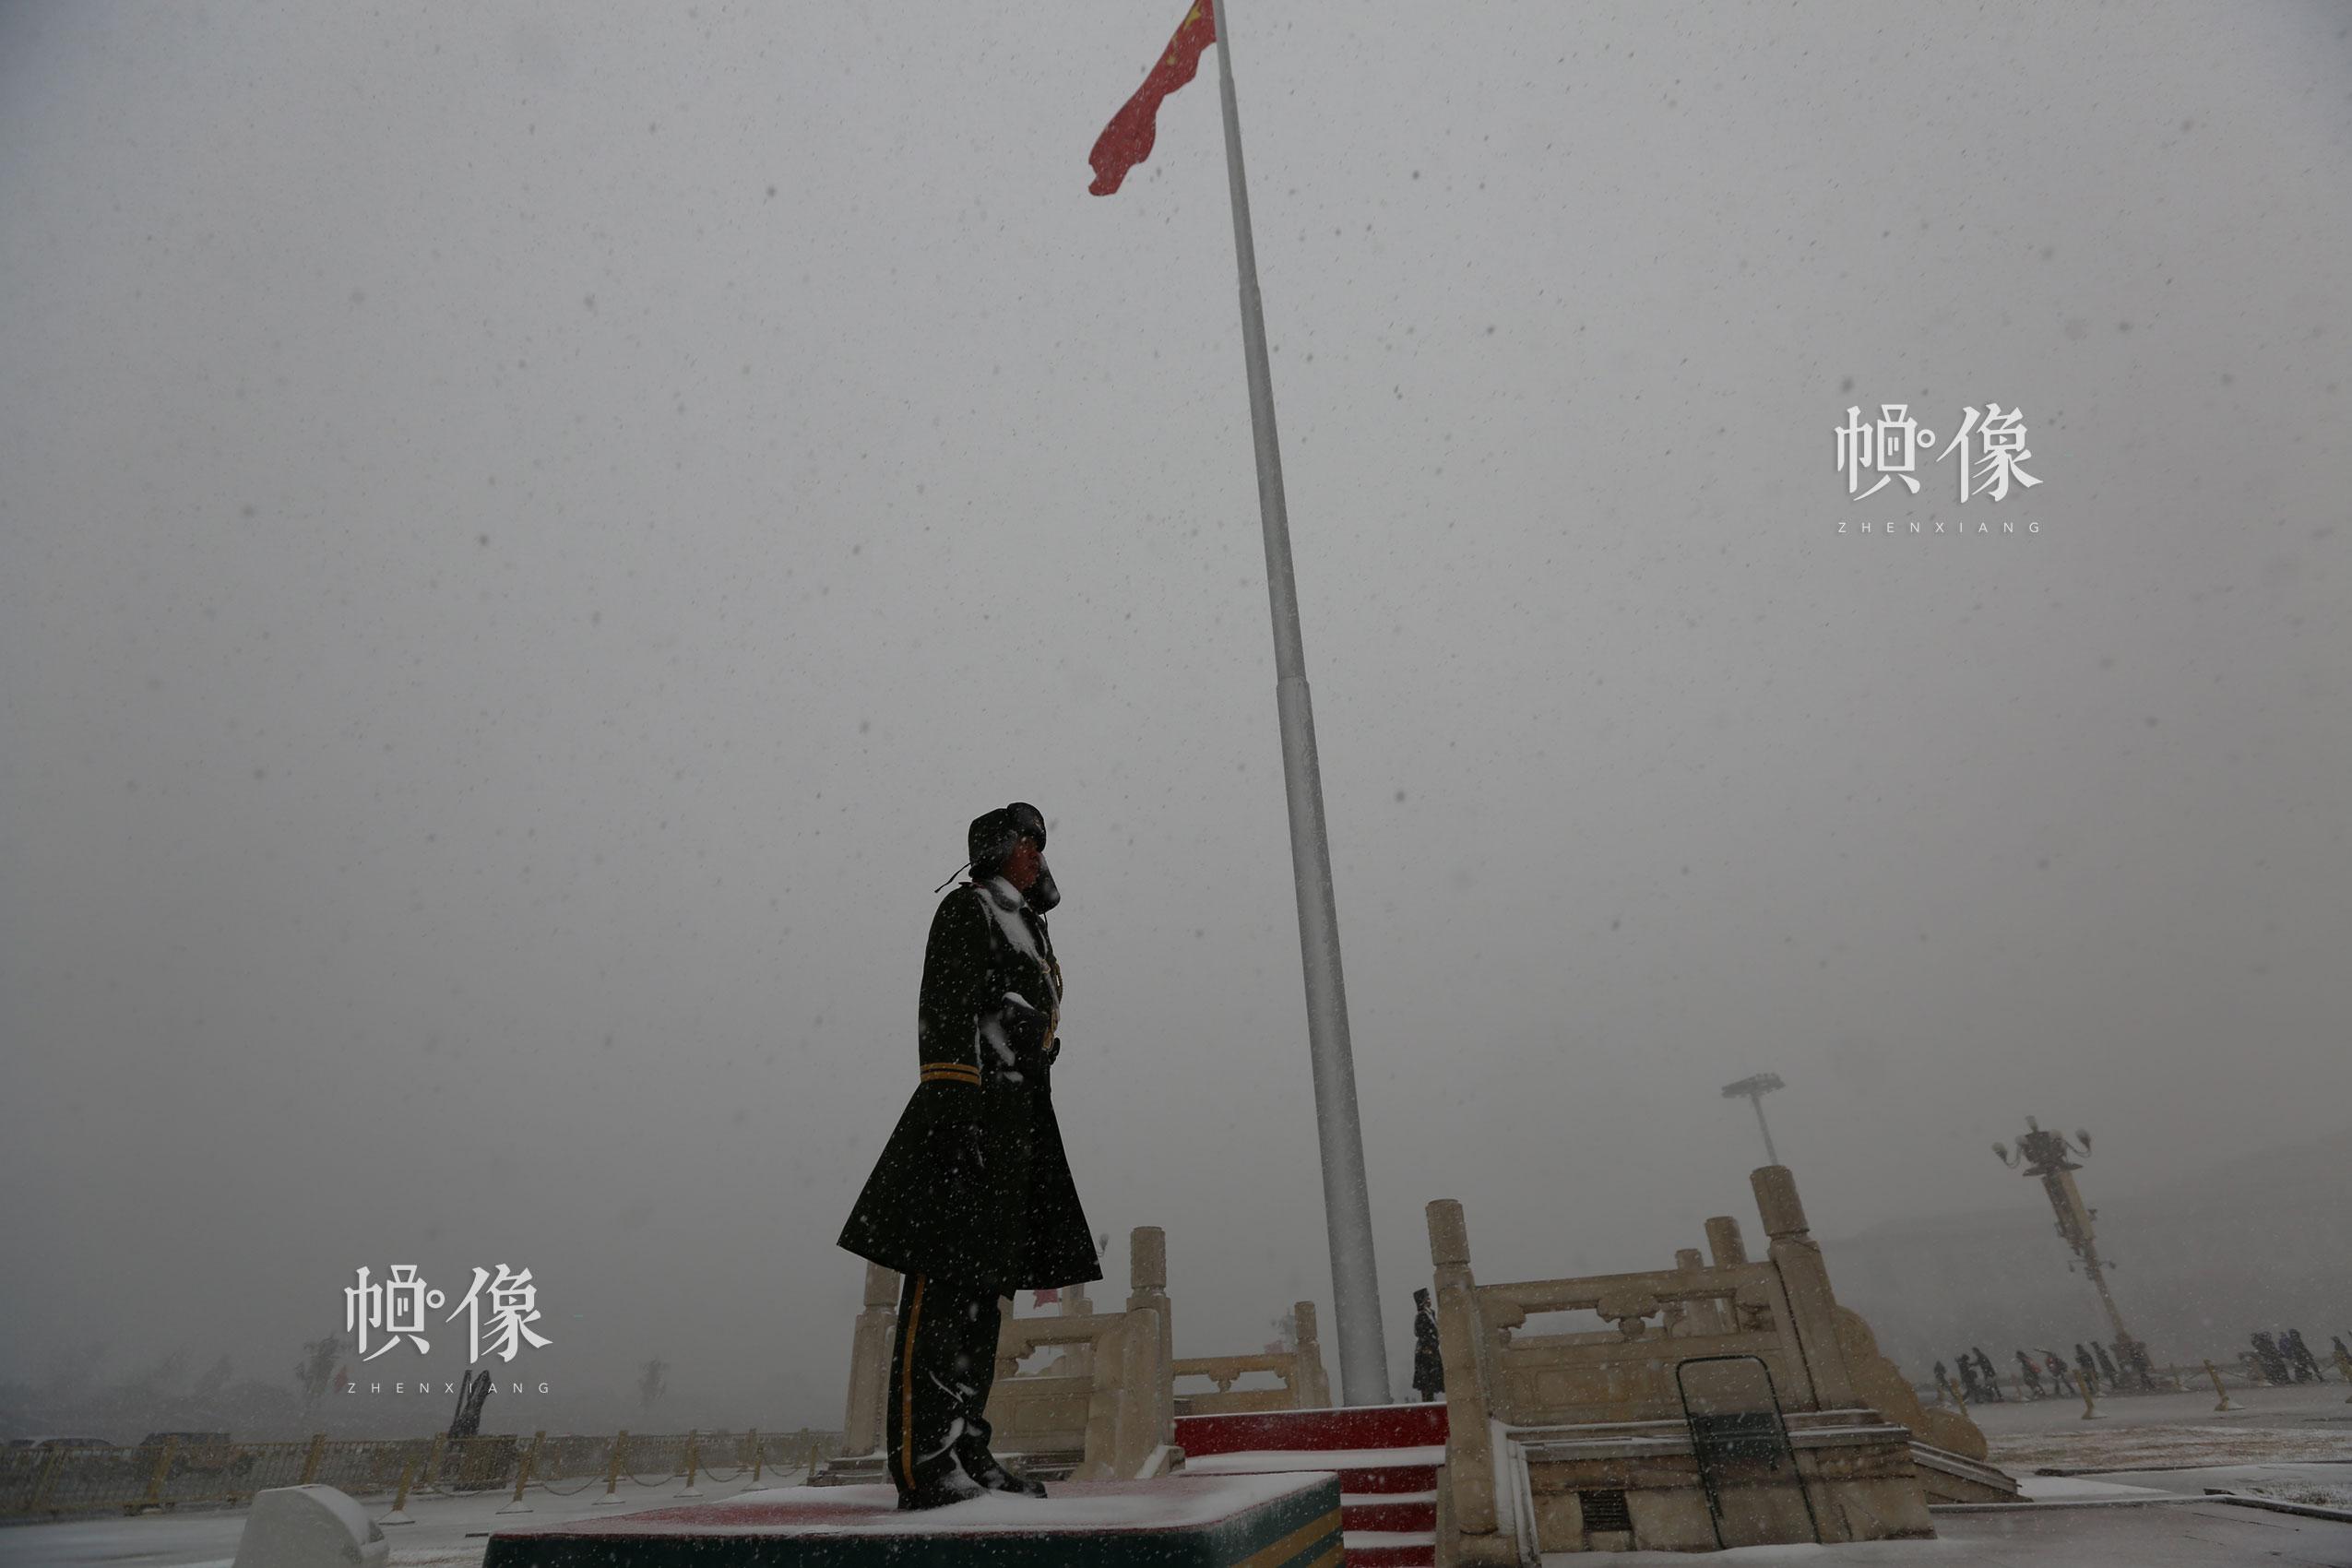 国旗哨365天风雪无阻。李超供图